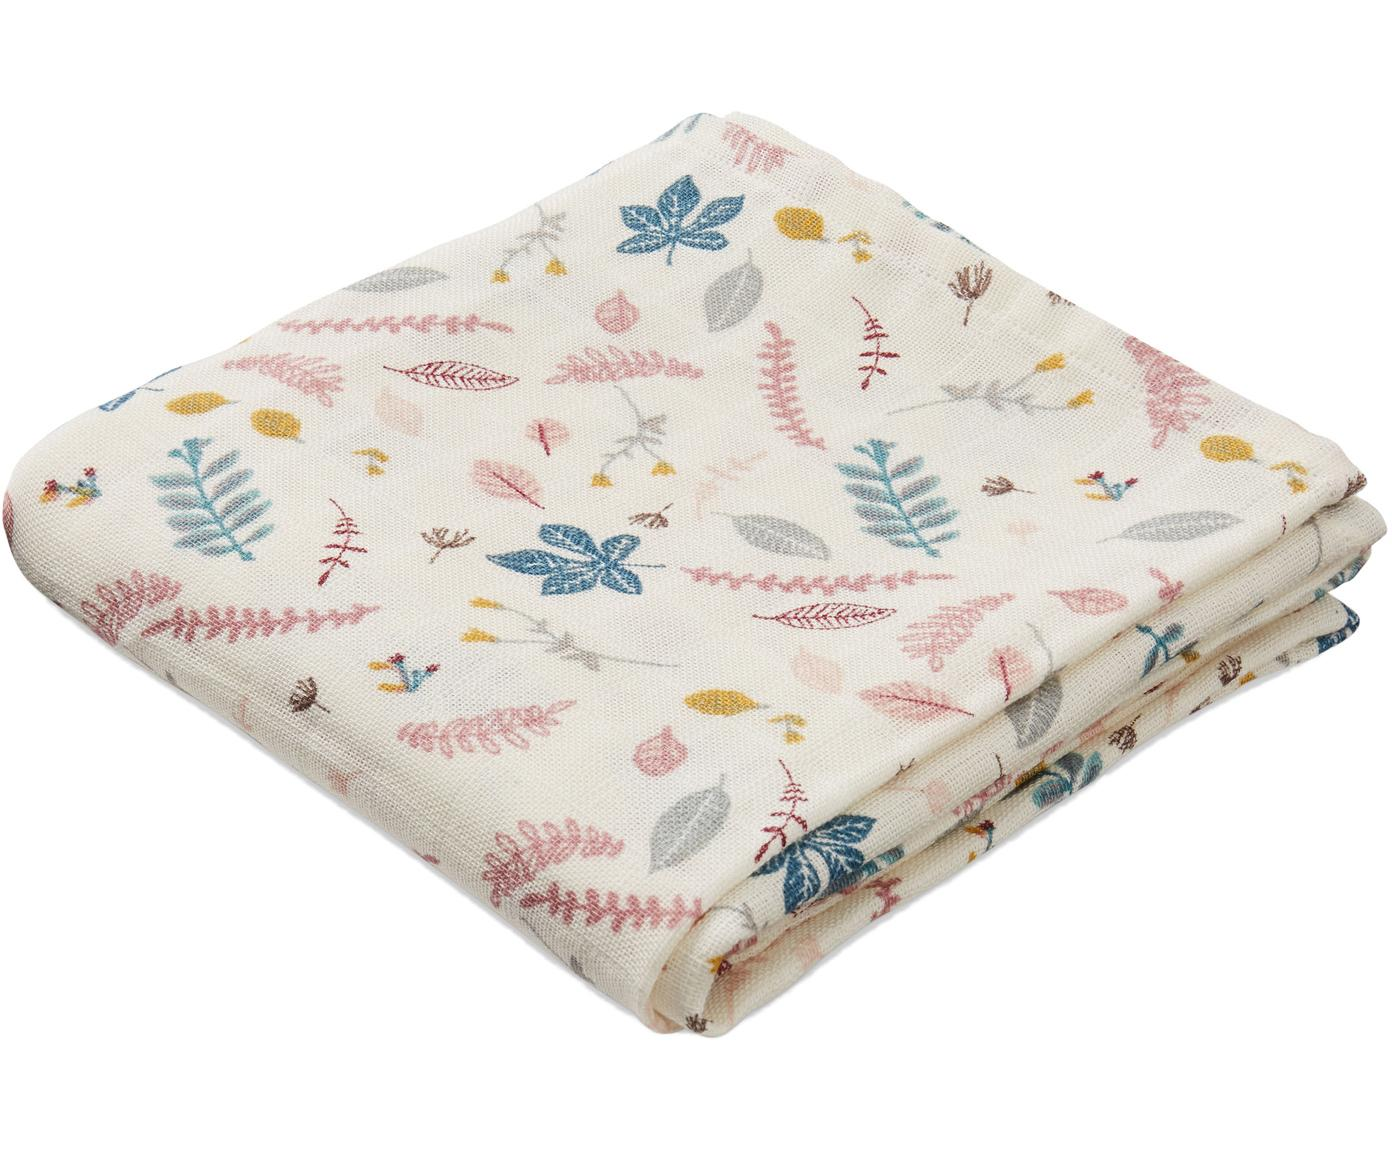 Mulltücher Pressed Leaves aus Bio-Baumwolle, 2 Stück, Bio-Baumwolle, GOTS-zertifiziert, Creme, Rosa, Blau, Grau, 70 x 70 cm